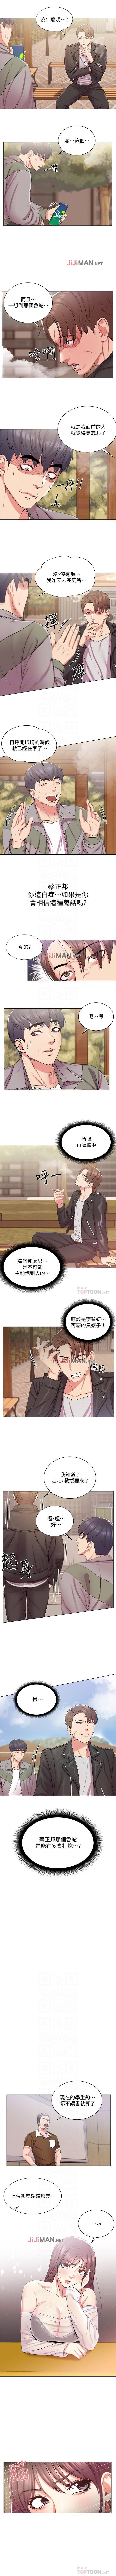 【周三连载】超市的漂亮姐姐(作者:北鼻&逃兵) 第1~20话 84